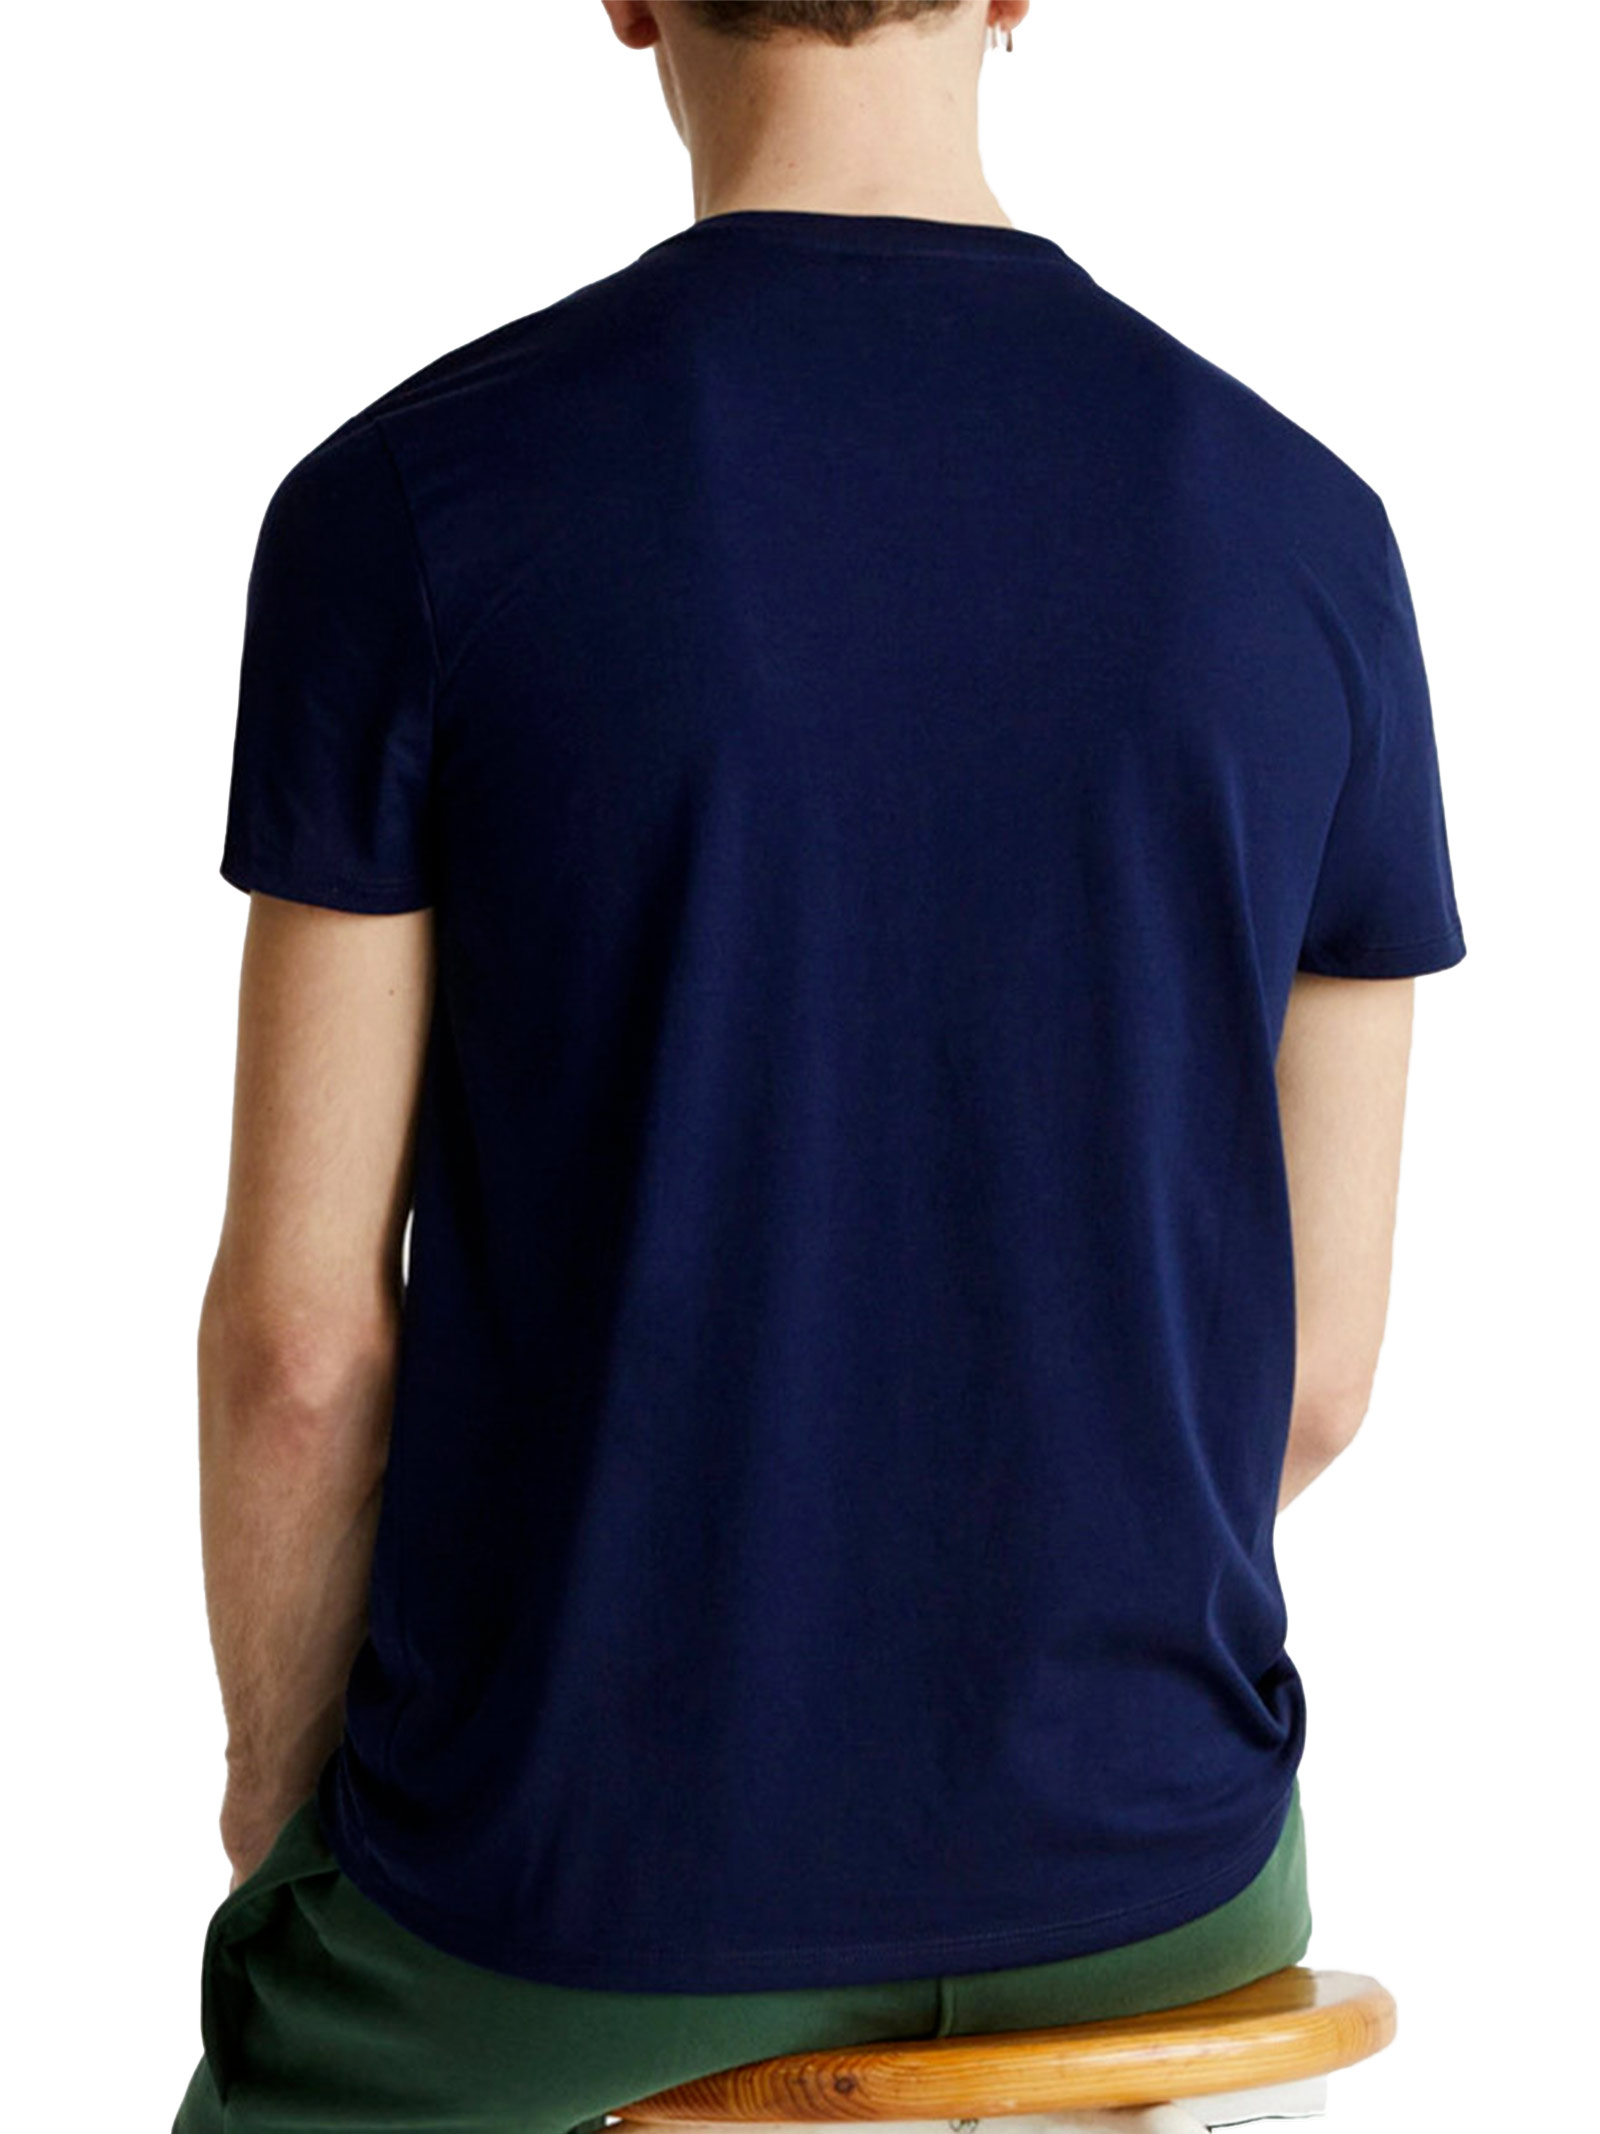 T-shirt a girocollo blu navy LACOSTE | T-shirt | TH6709166